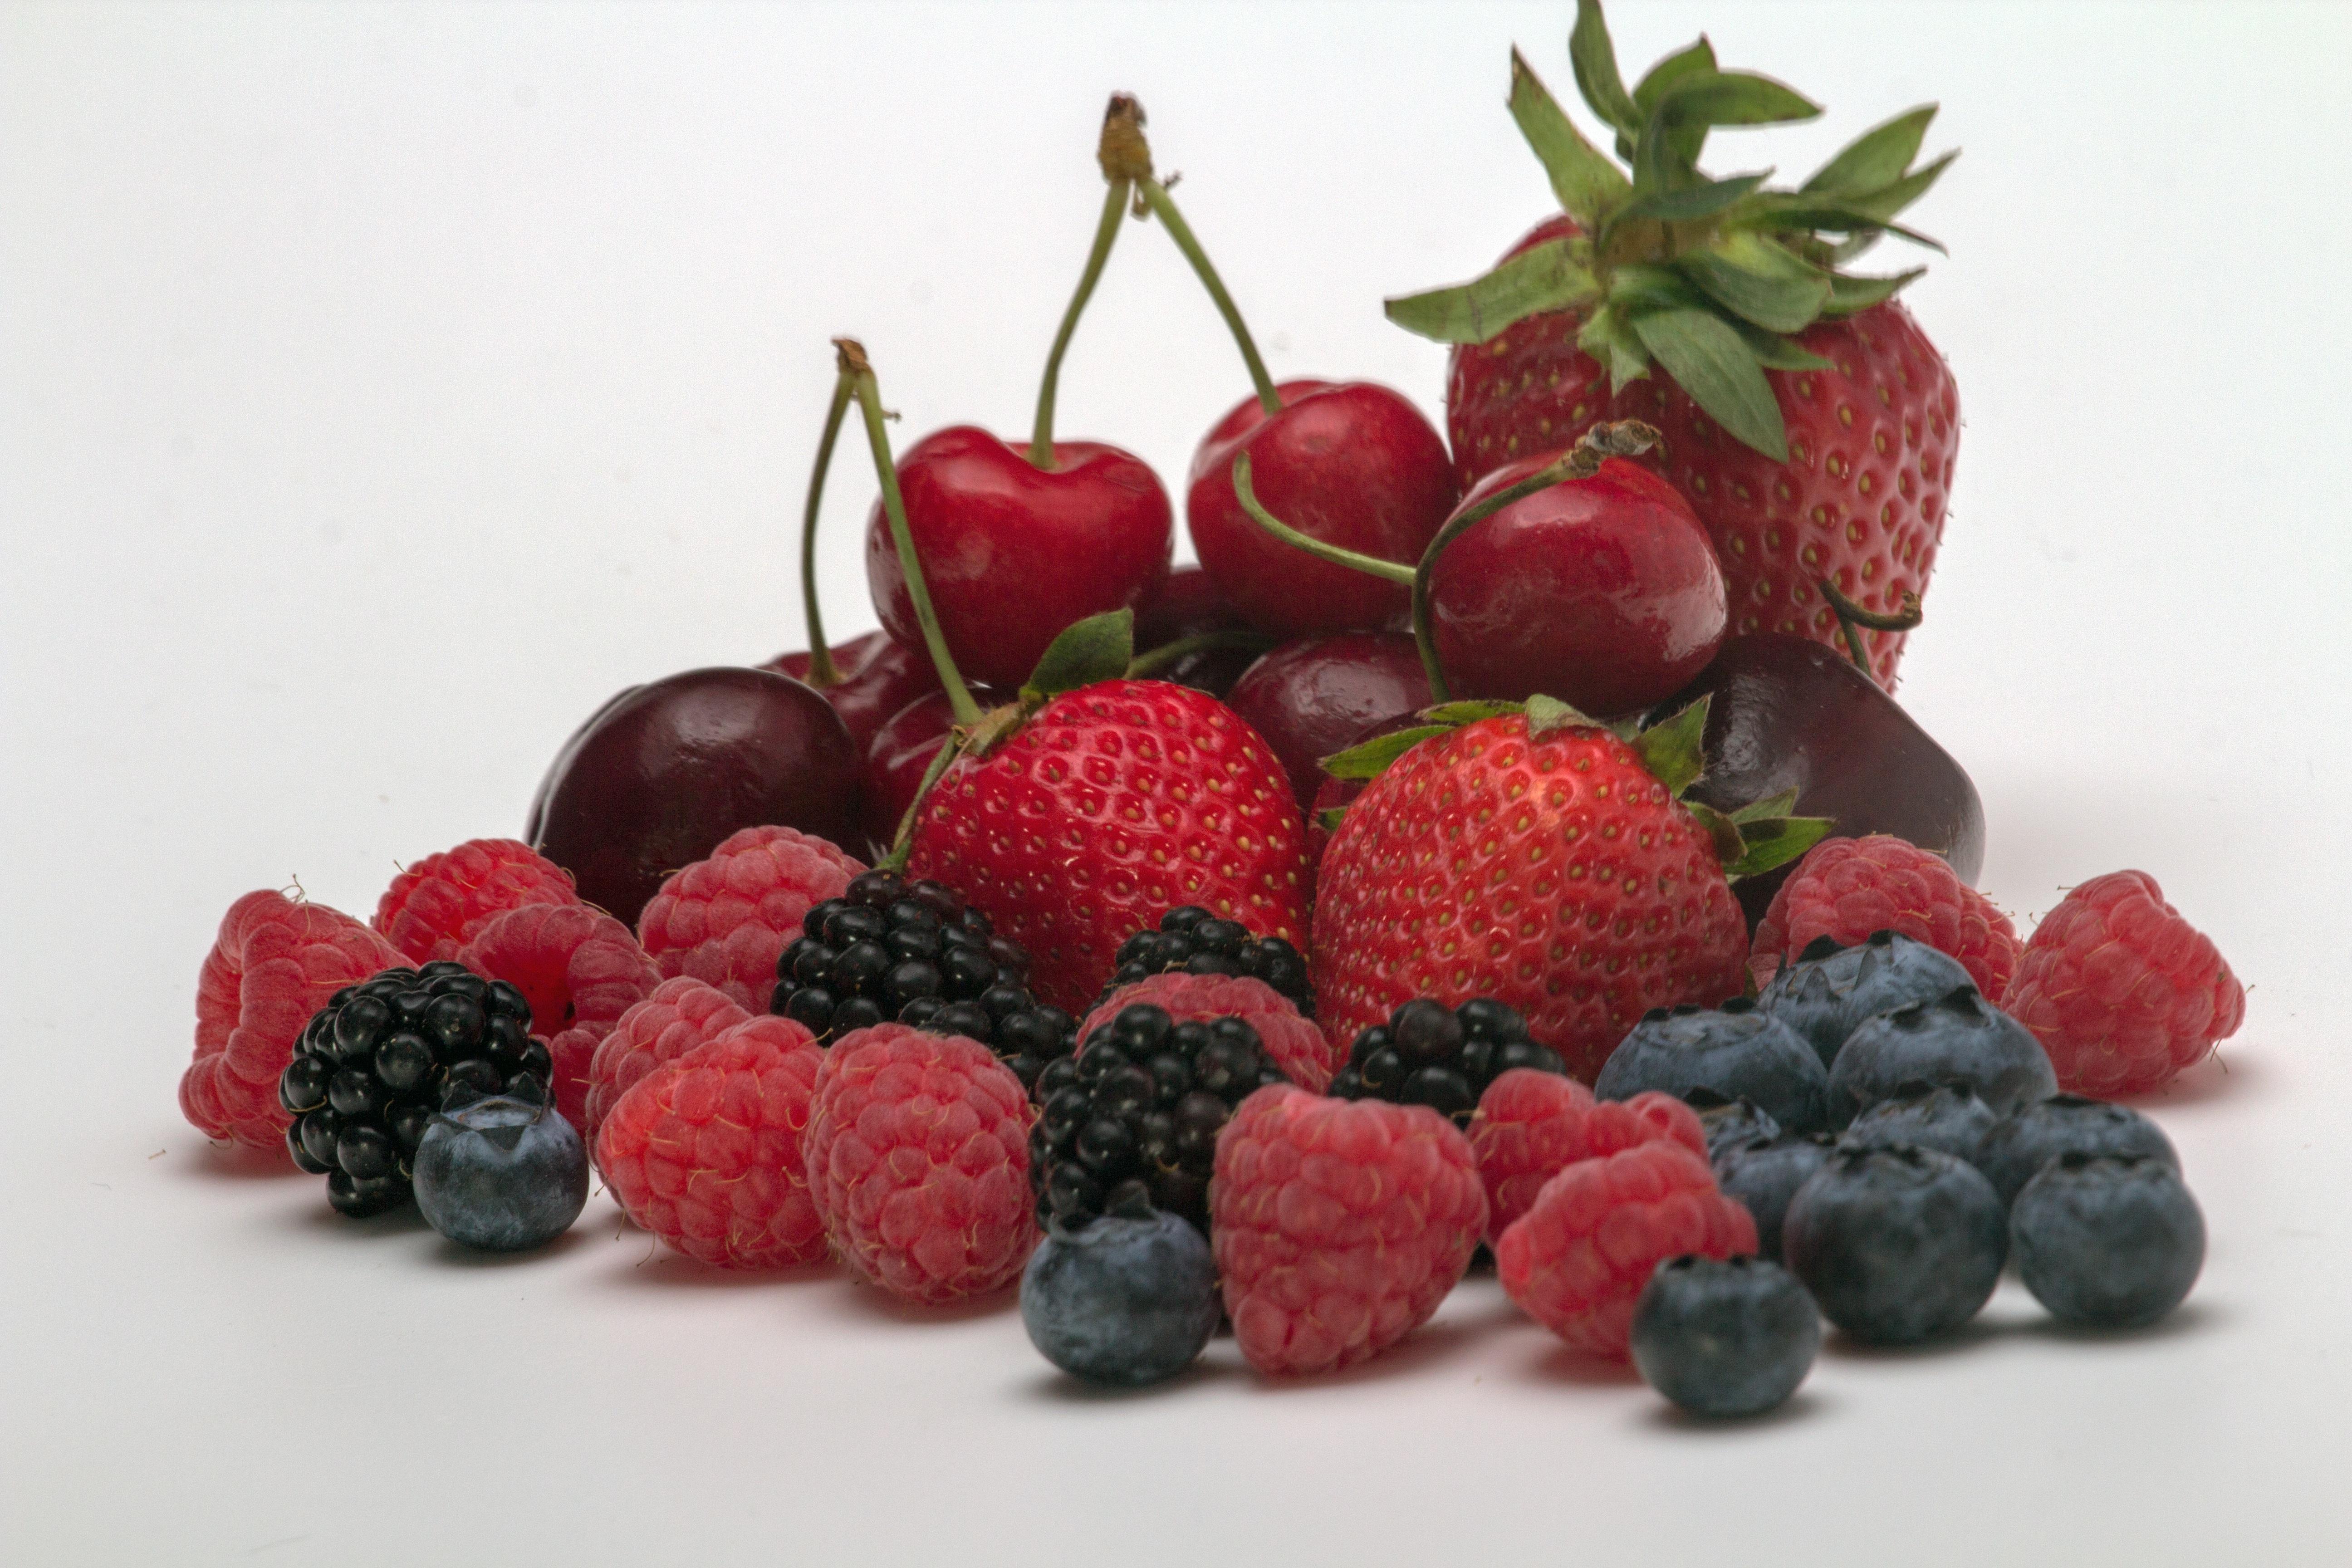 картинки фрукты и ягоды и леди дома